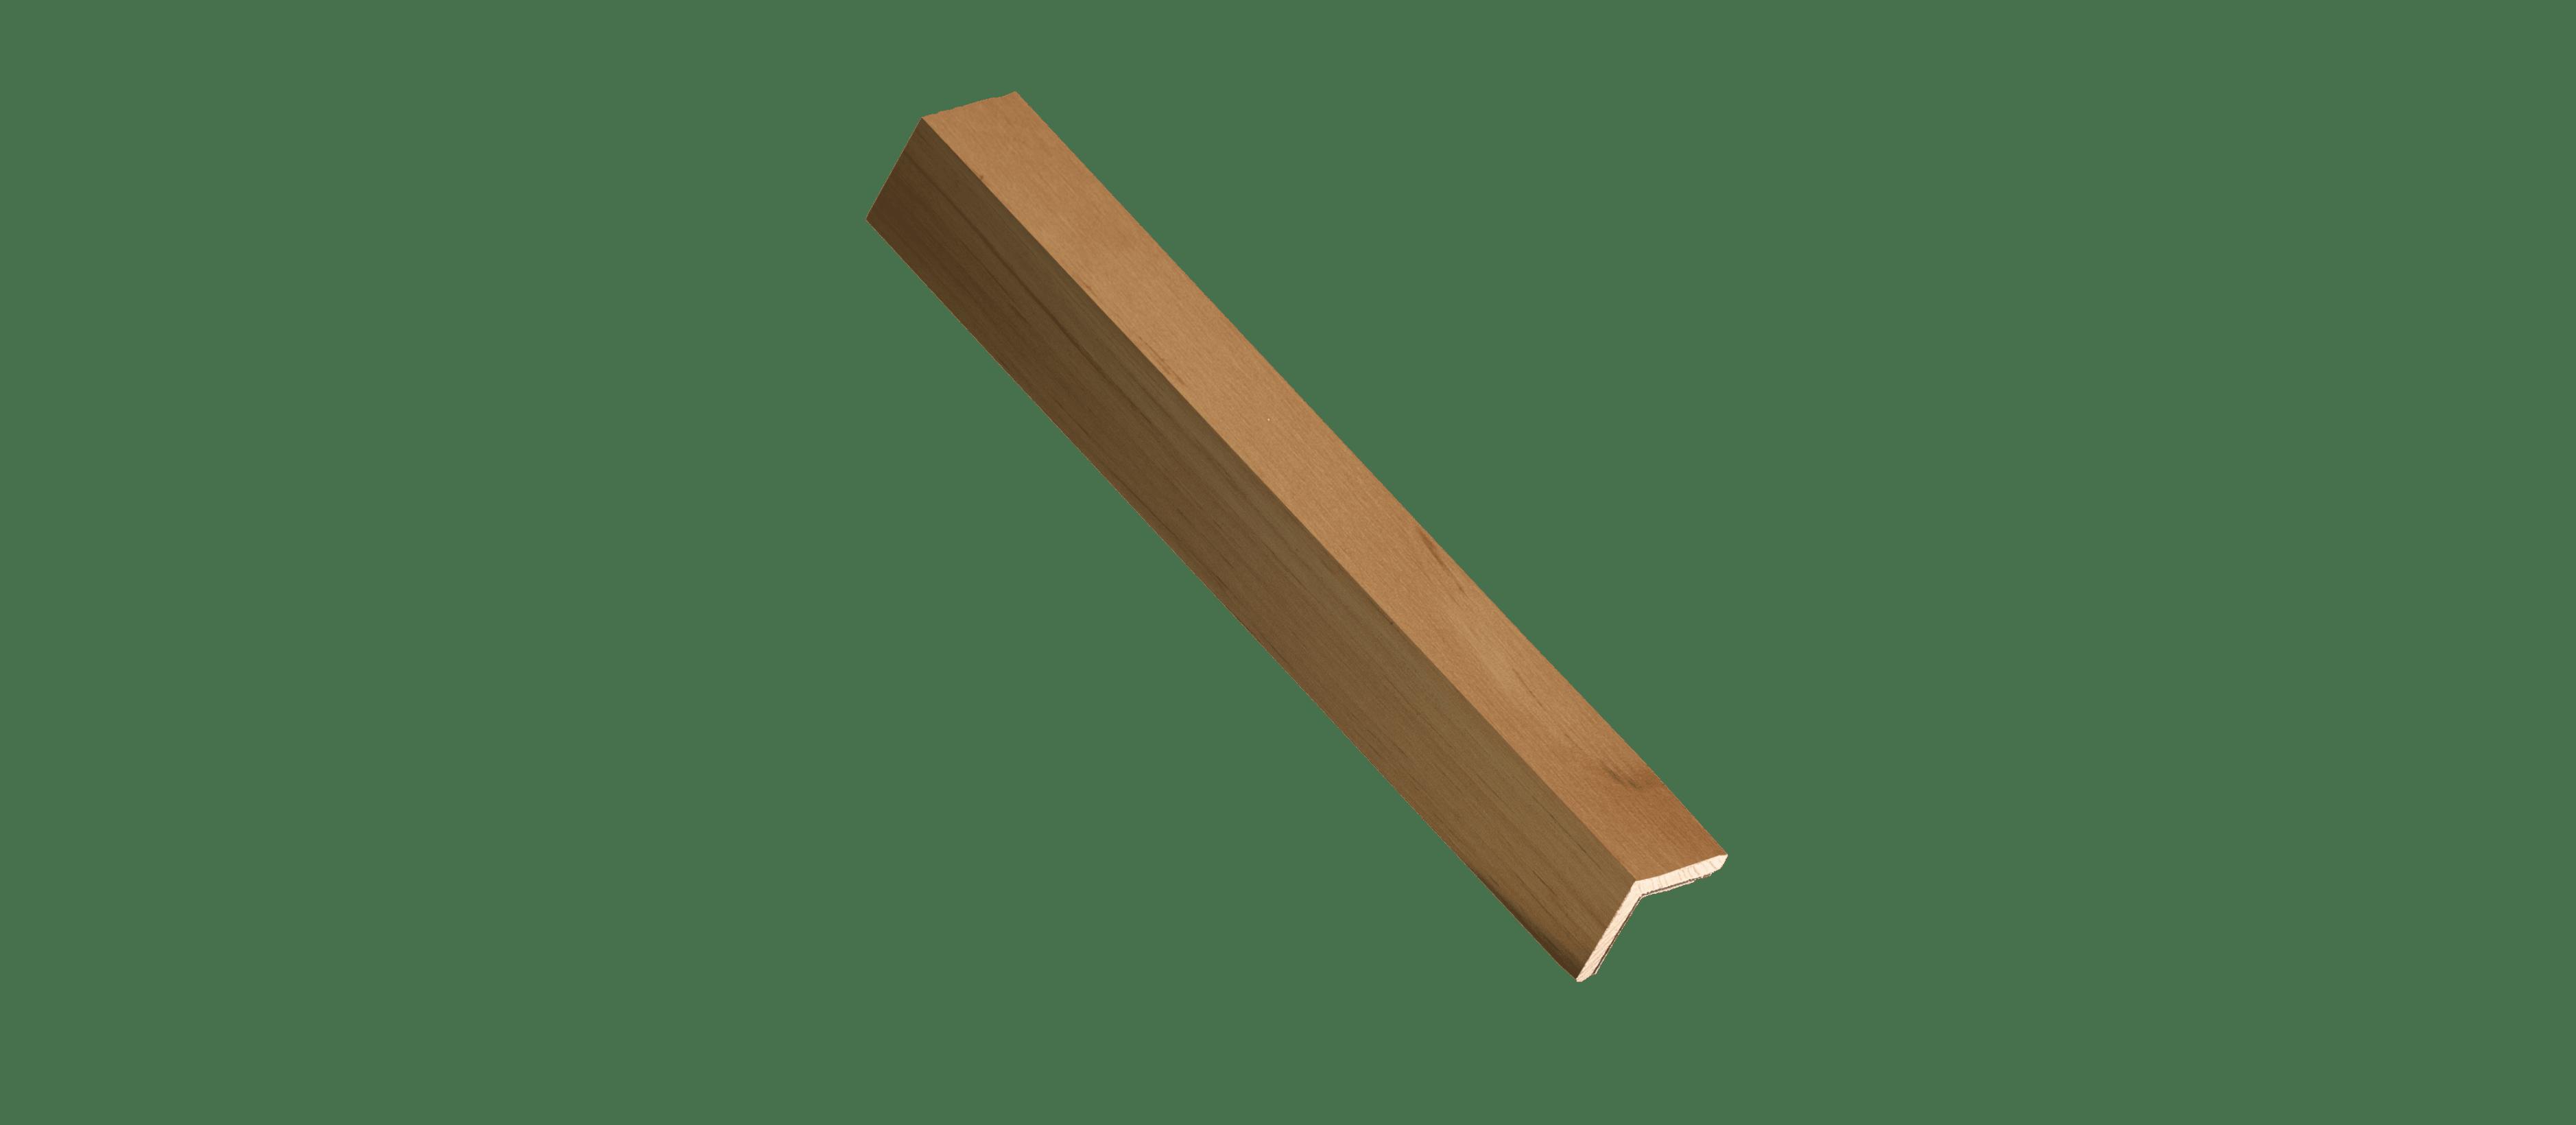 Reclaimed Natural Wood Corner Trim Sample